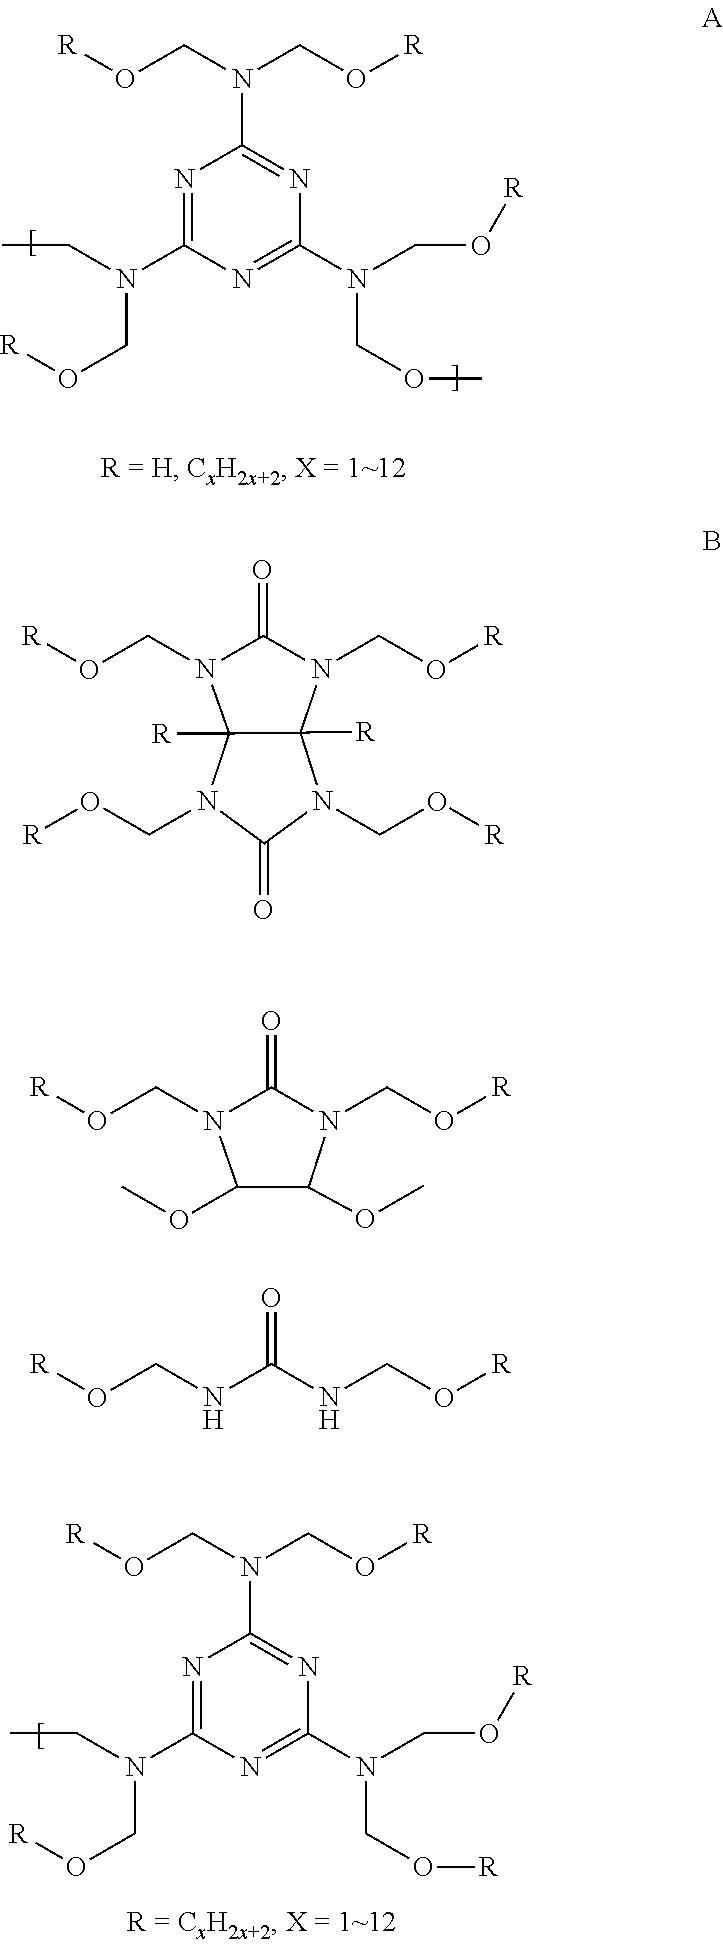 Figure US09640396-20170502-C00001